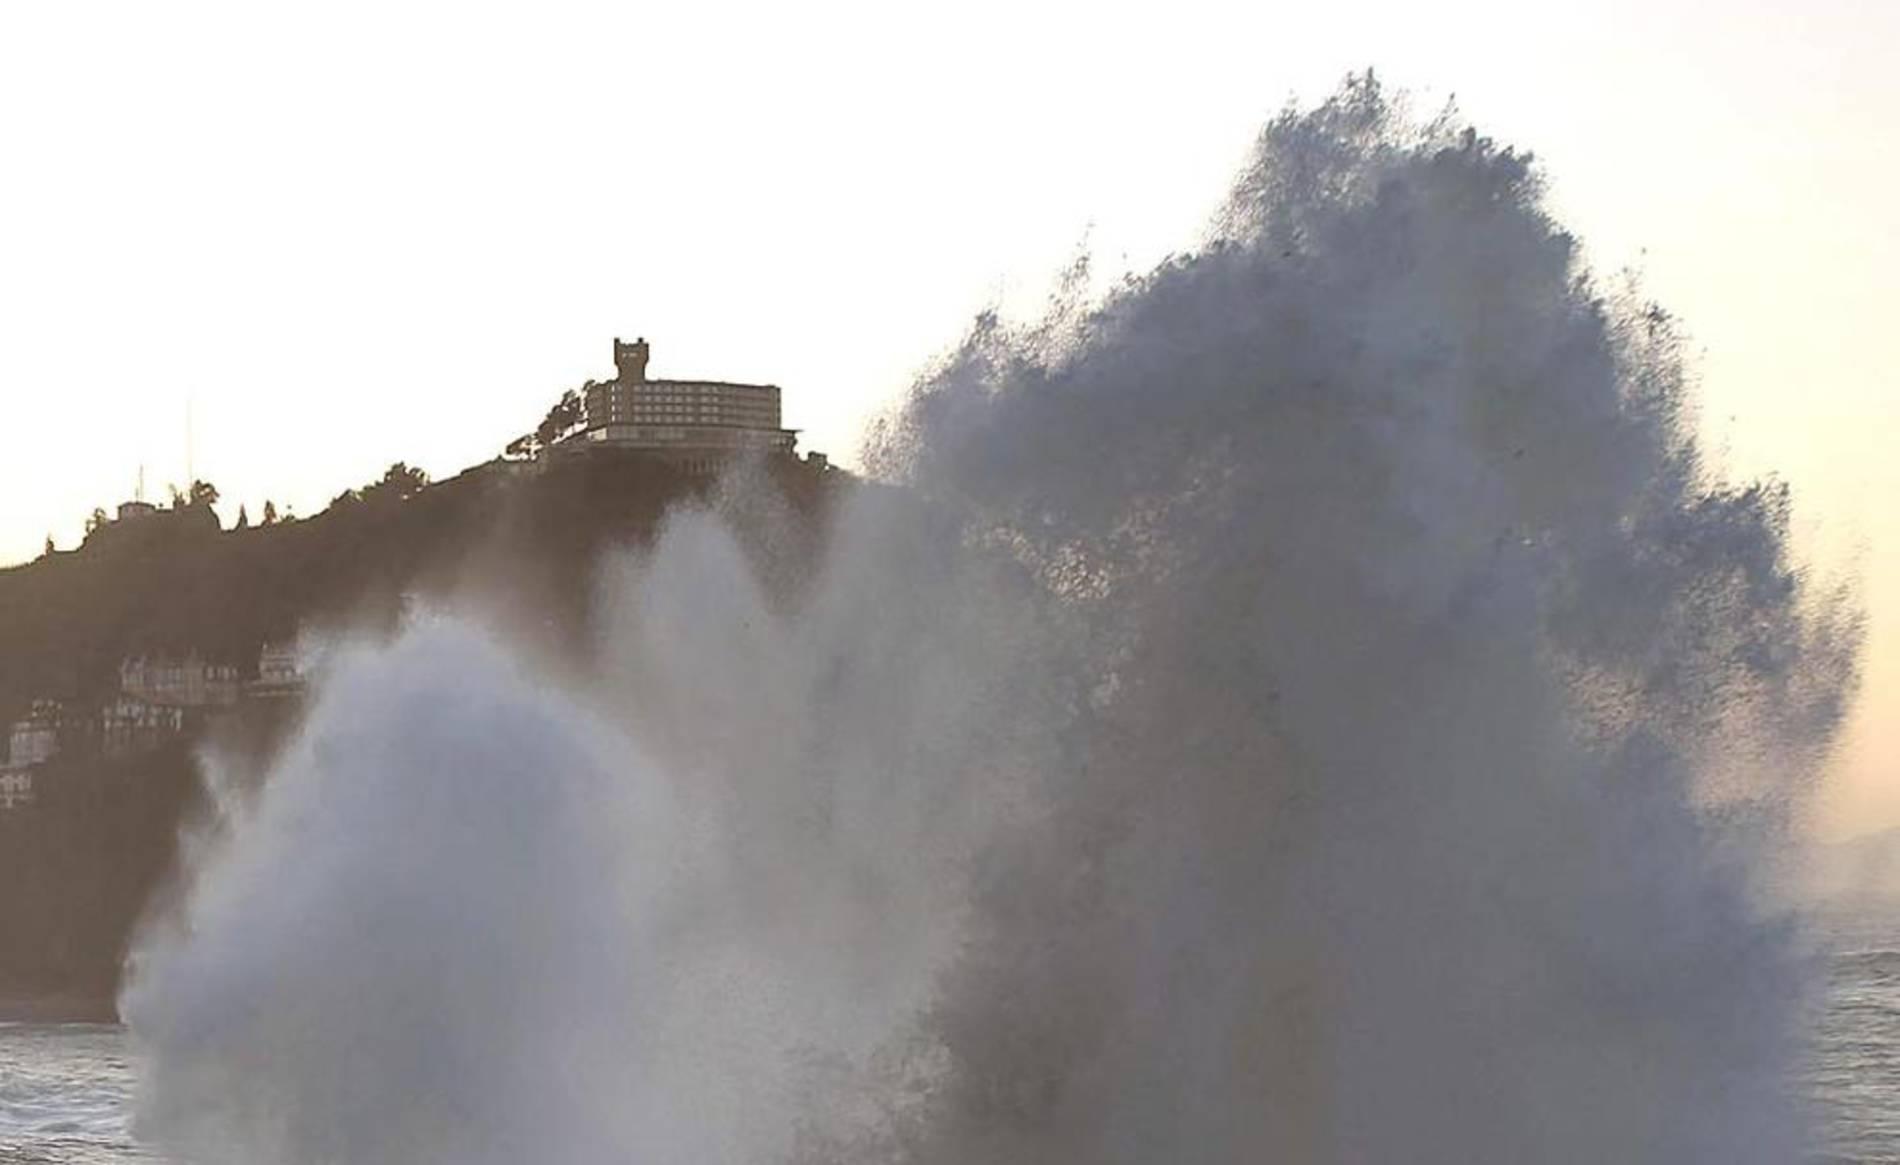 Temporal en el Cantábrico (1/20) - Temporal de viento en el Mar Cantábrico con grandes olas en las localidades de San Sebastián, Getxo, Zumaia y Santander. - Nacional -